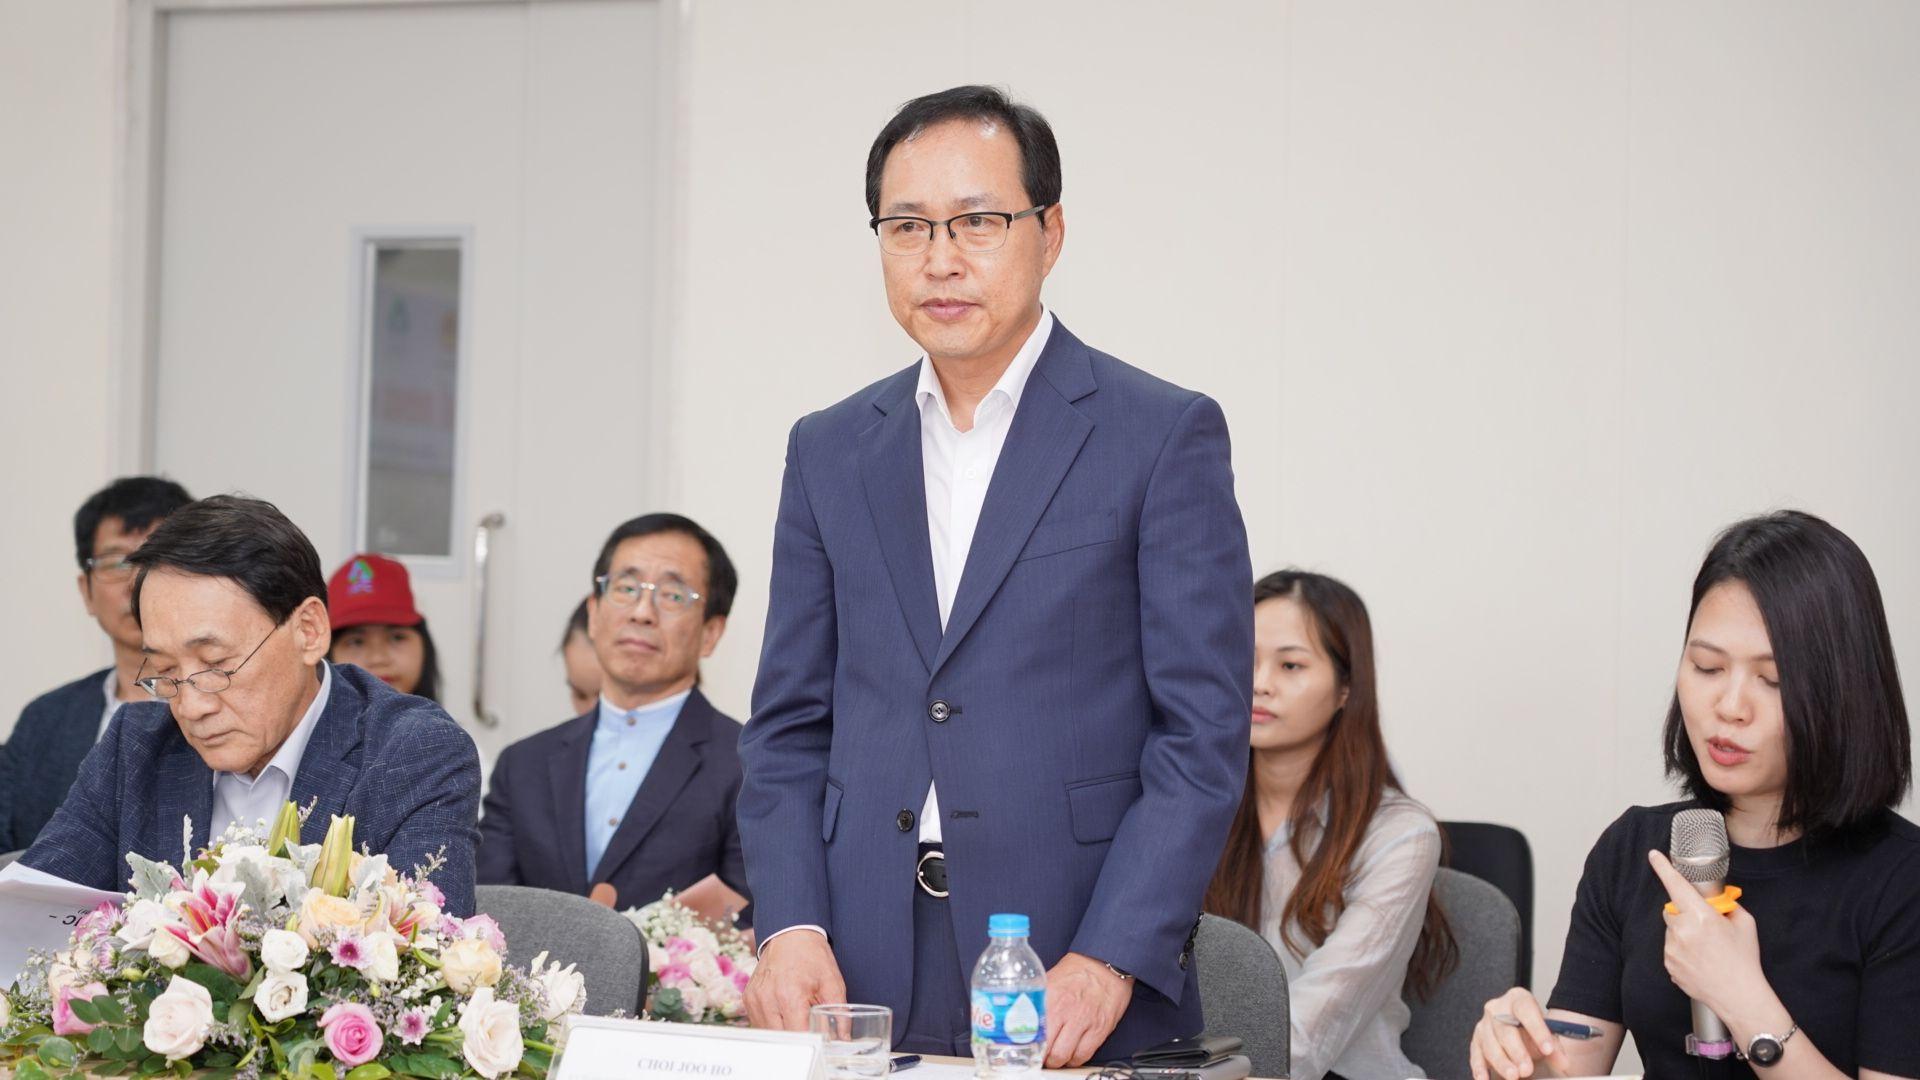 Ông Choi Joo Ho- Tổng Giám đốc Samsung Việt Nam phát biểu tại Lễ tổng kết chương trình Tư vấn cải tiến của Bộ Công thương và Samsung Việt Nam